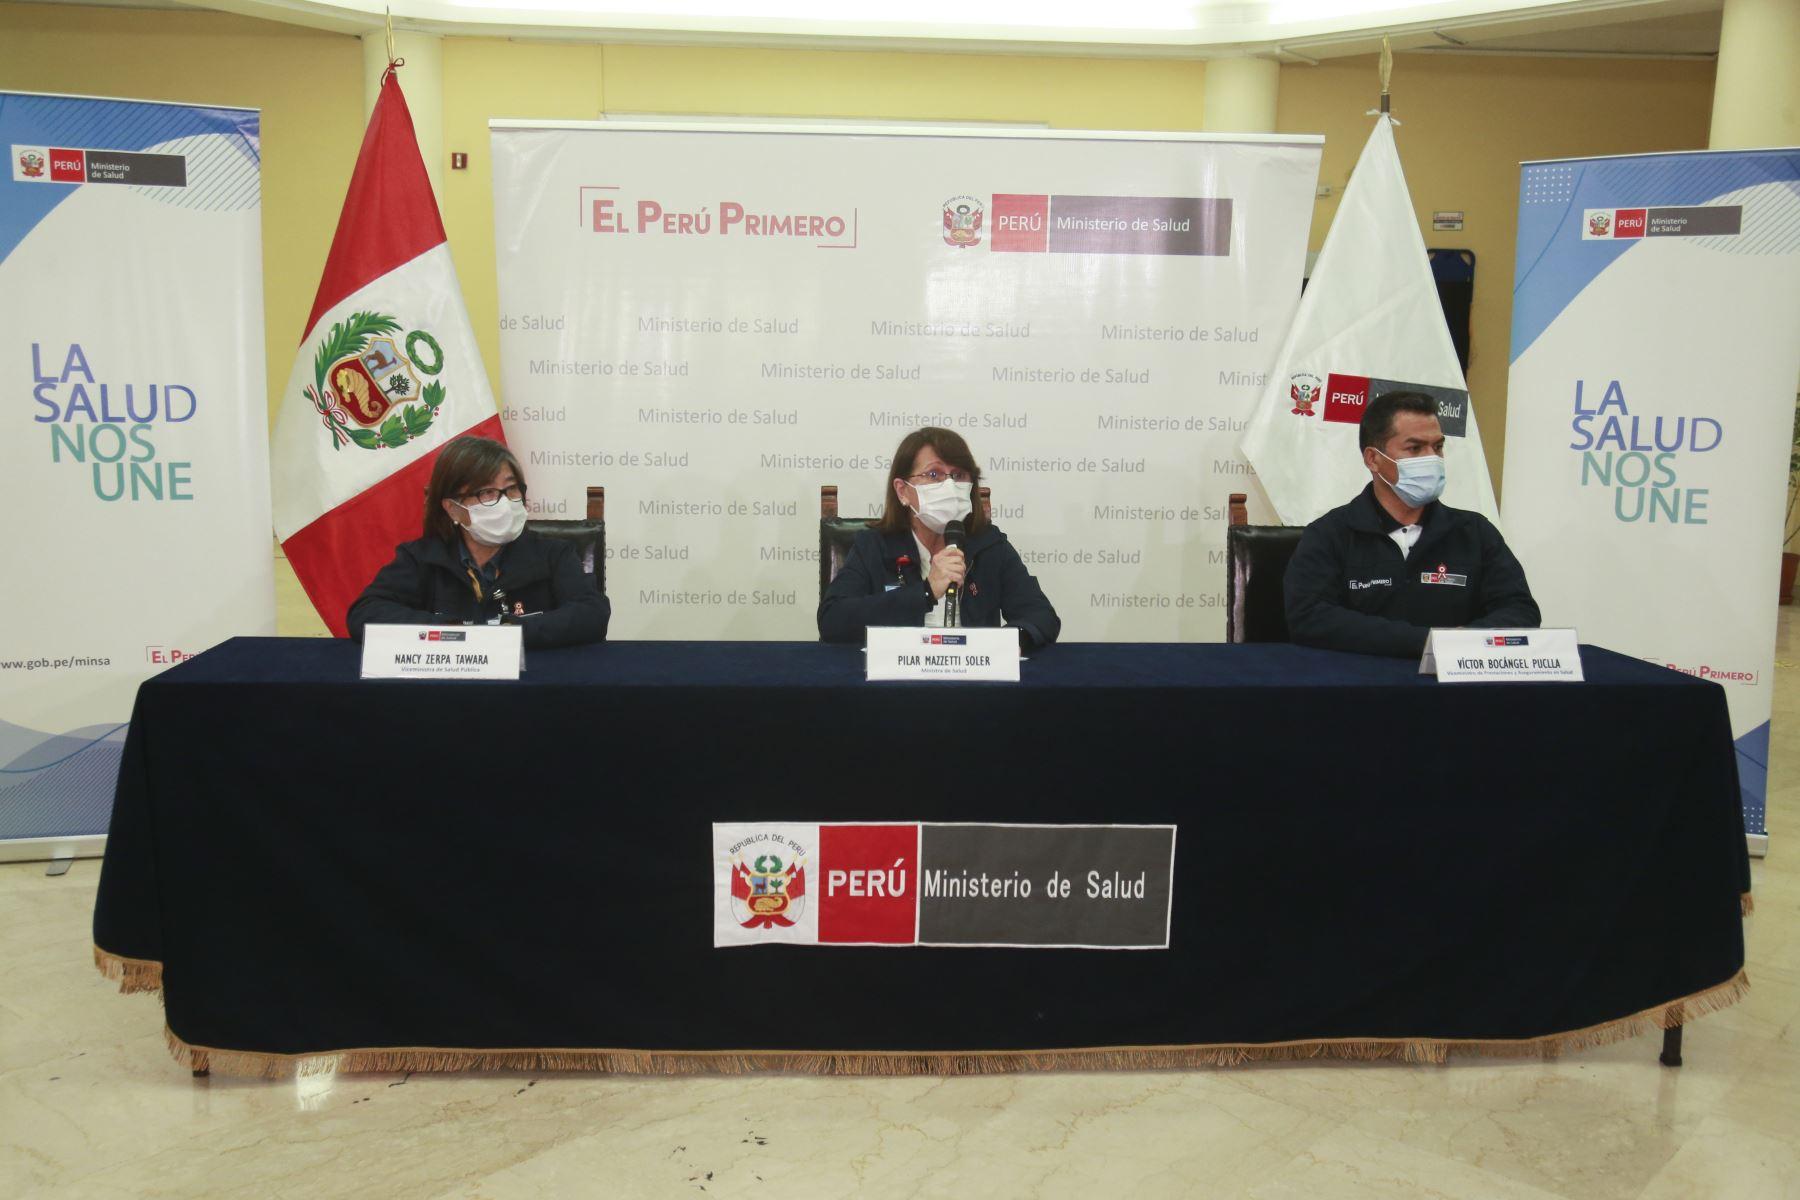 La ministra de Salud, Pilar Mazzetti manifestó que el sinceramiento de las cifras de fallecimientos por la pandemia del nuevo coronavirus (covid-19) se hará de forma progresiva. Foto: Minsa